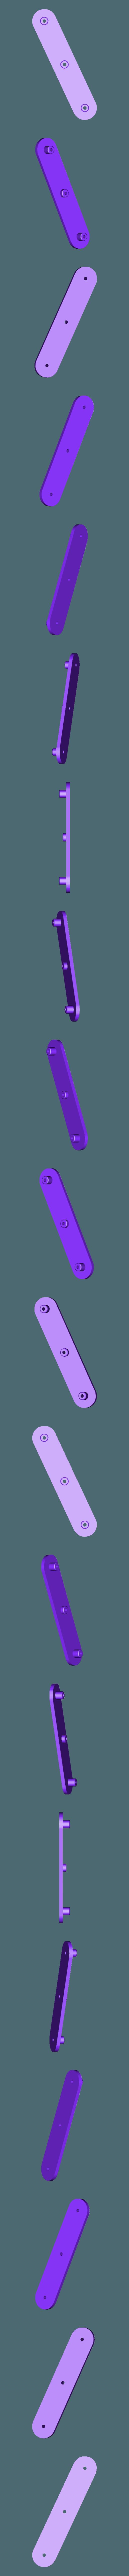 Bottom_v2.stl Télécharger fichier STL gratuit Diviseur d'espace égal extensible v2 • Modèle imprimable en 3D, Dsk